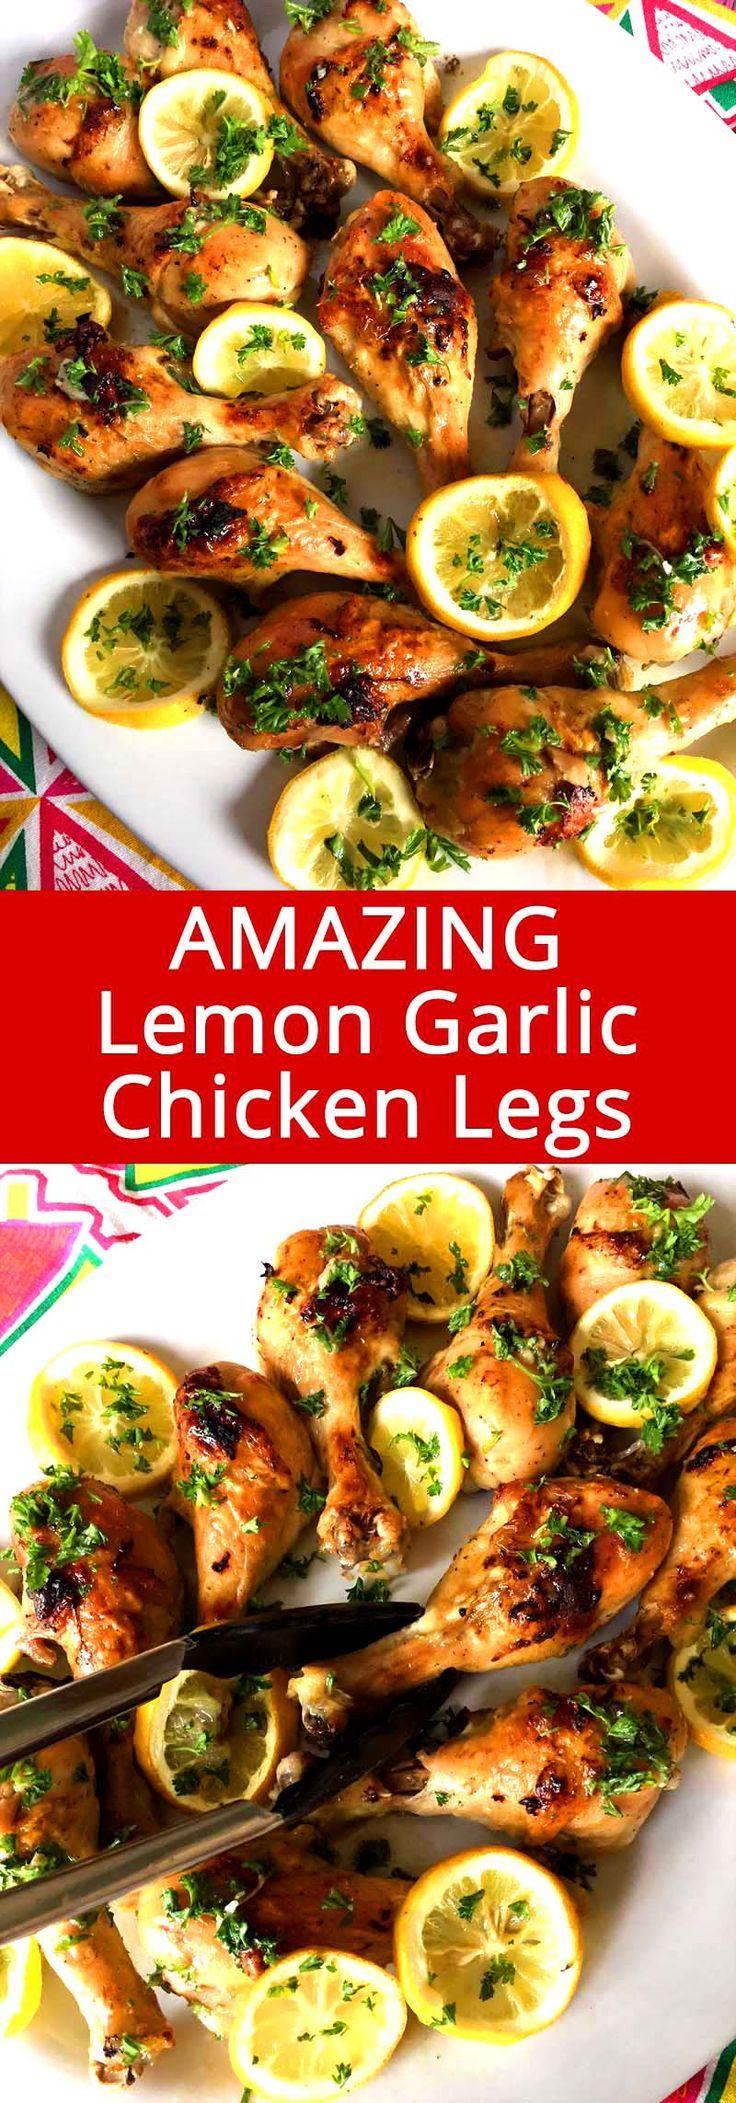 Easy Baked Lemon Garlic Chicken Legs